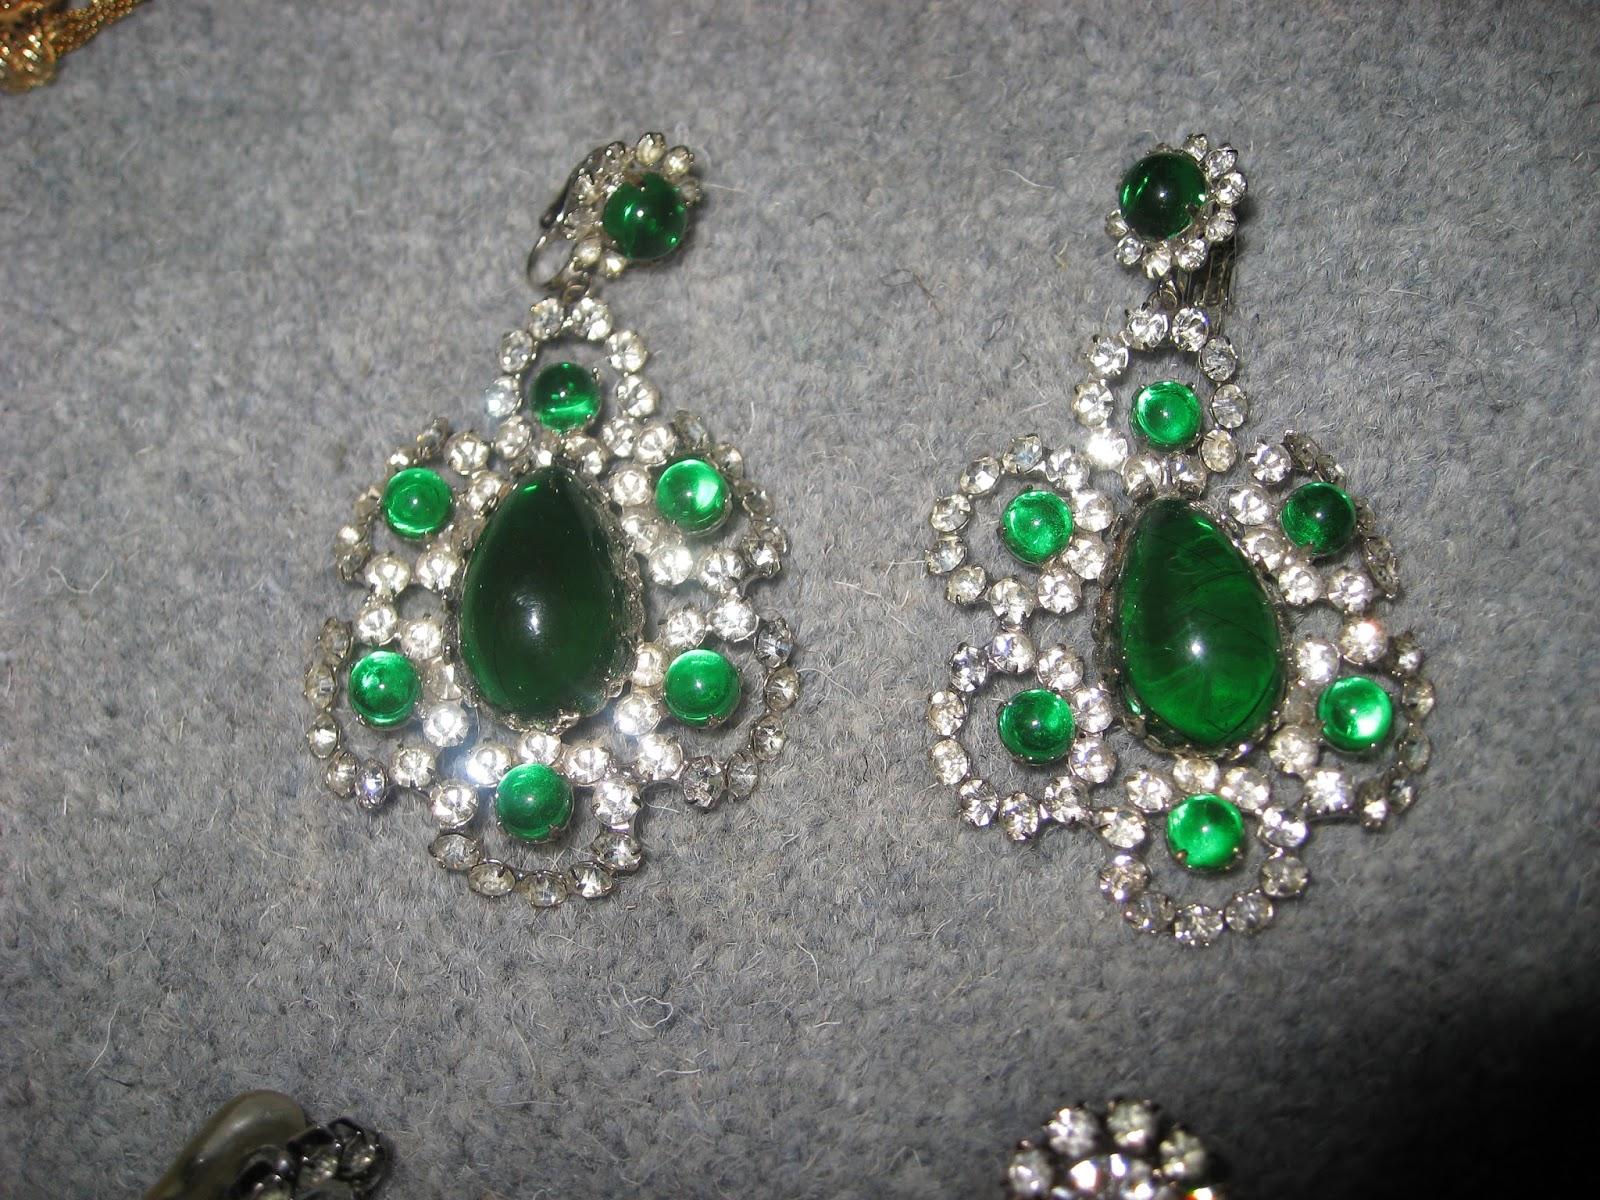 Beautiful Green Vintage Kjl Earrings Look Like Cabochon Emeralds